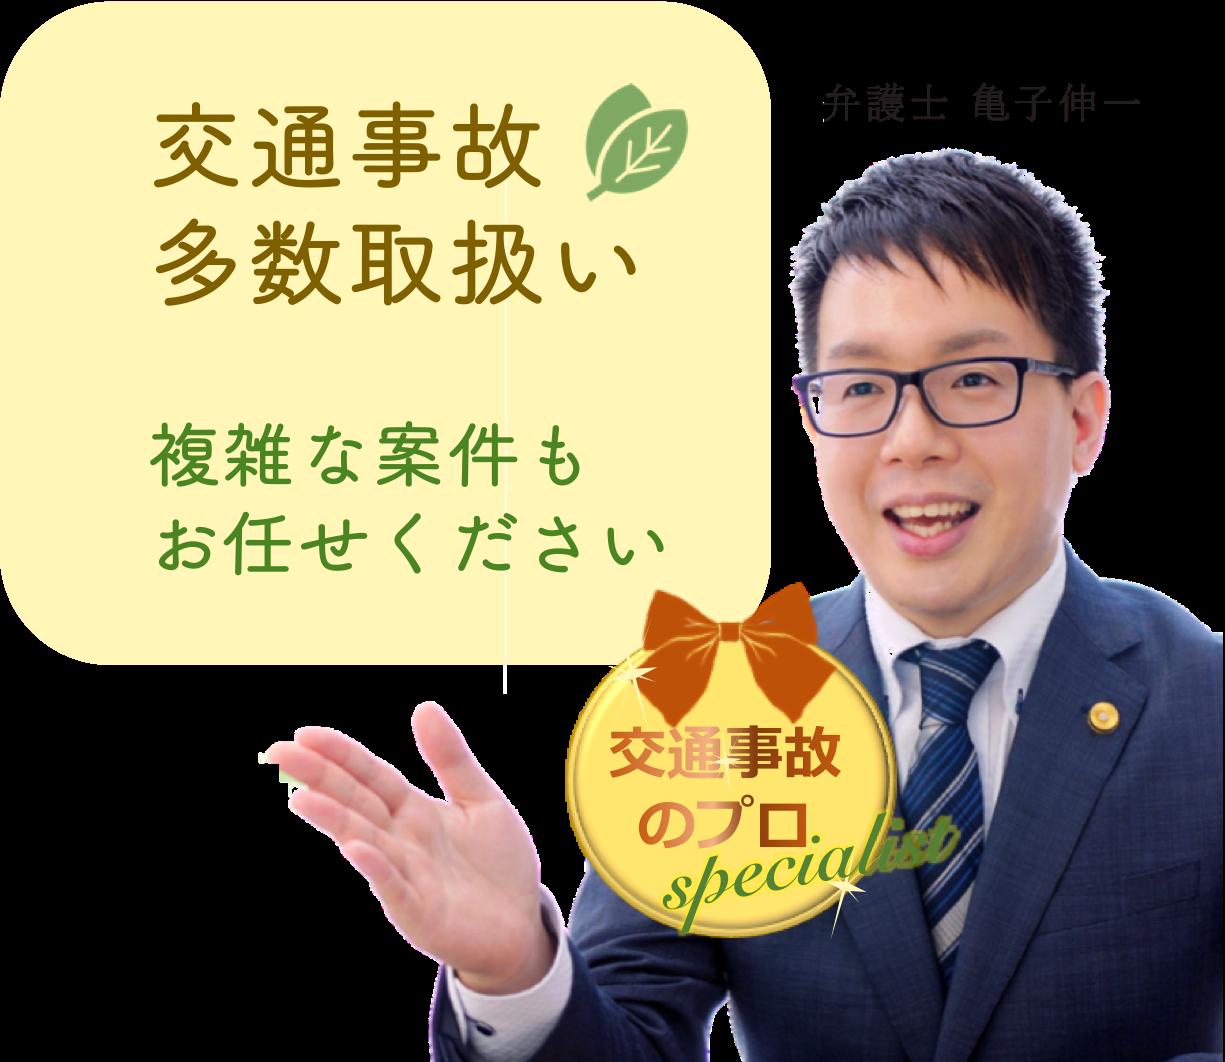 静岡で交通事故に強い弁護士